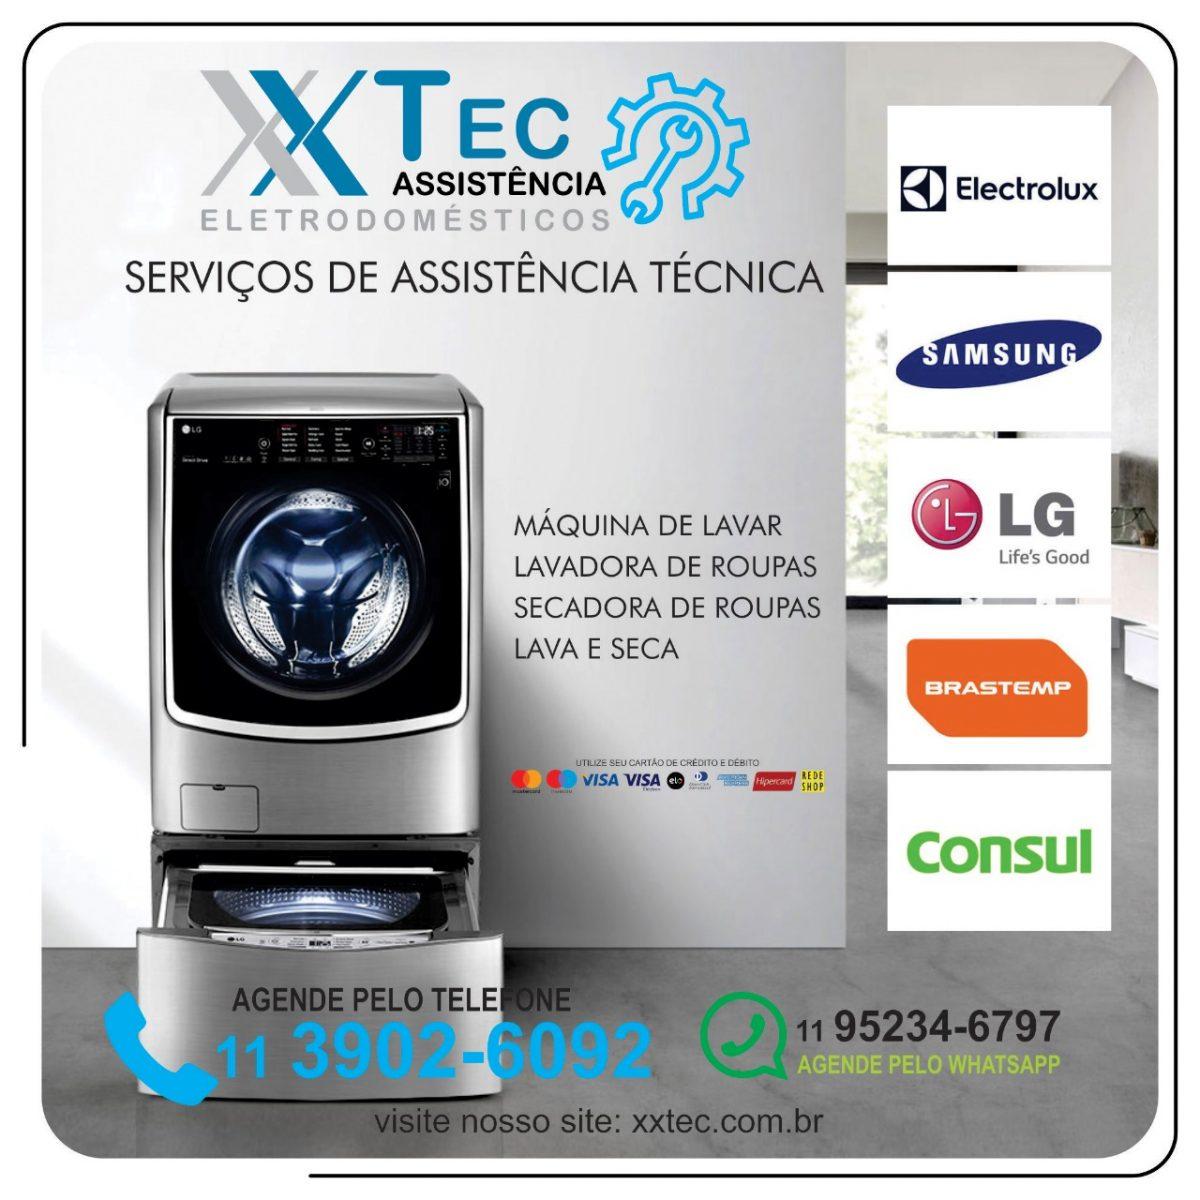 xxtec.com.br